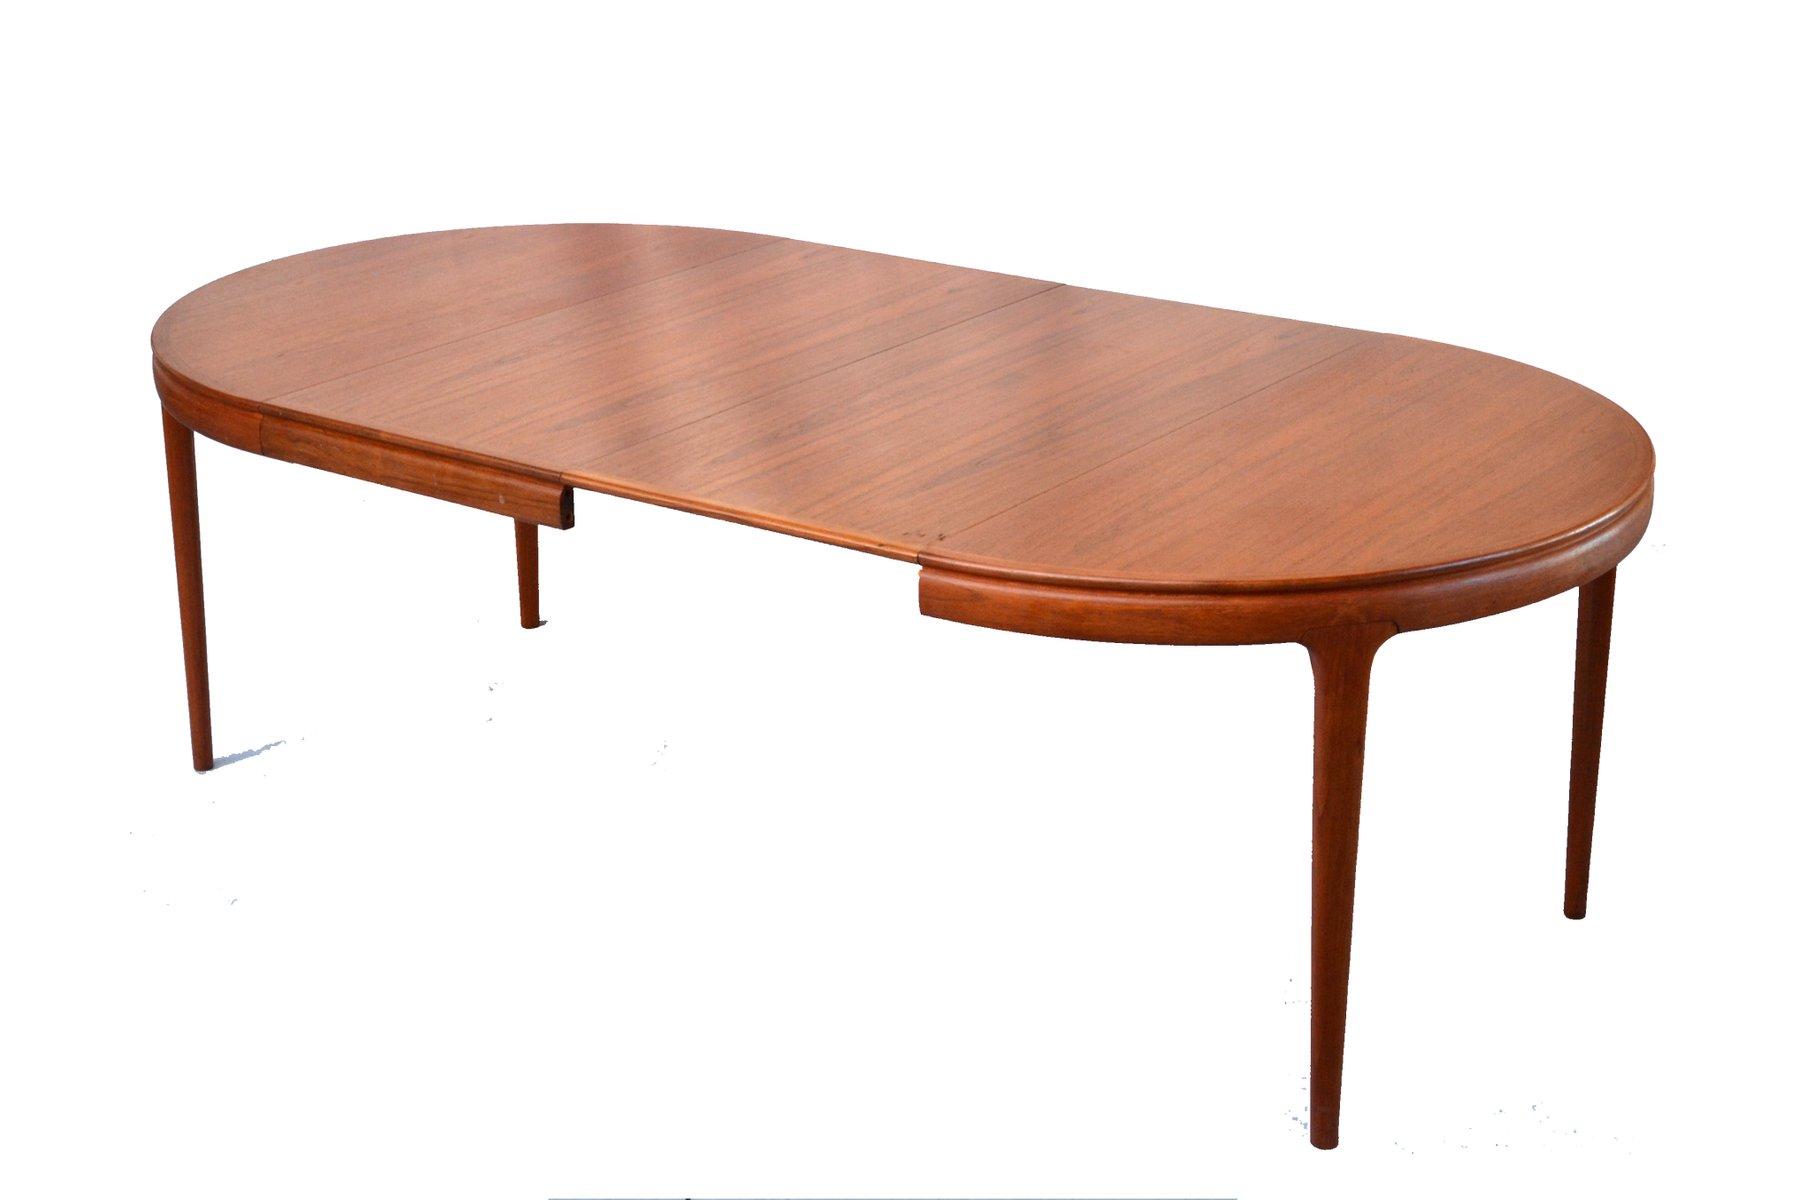 ausziehbarer skandinavischer vintage tisch von arne. Black Bedroom Furniture Sets. Home Design Ideas